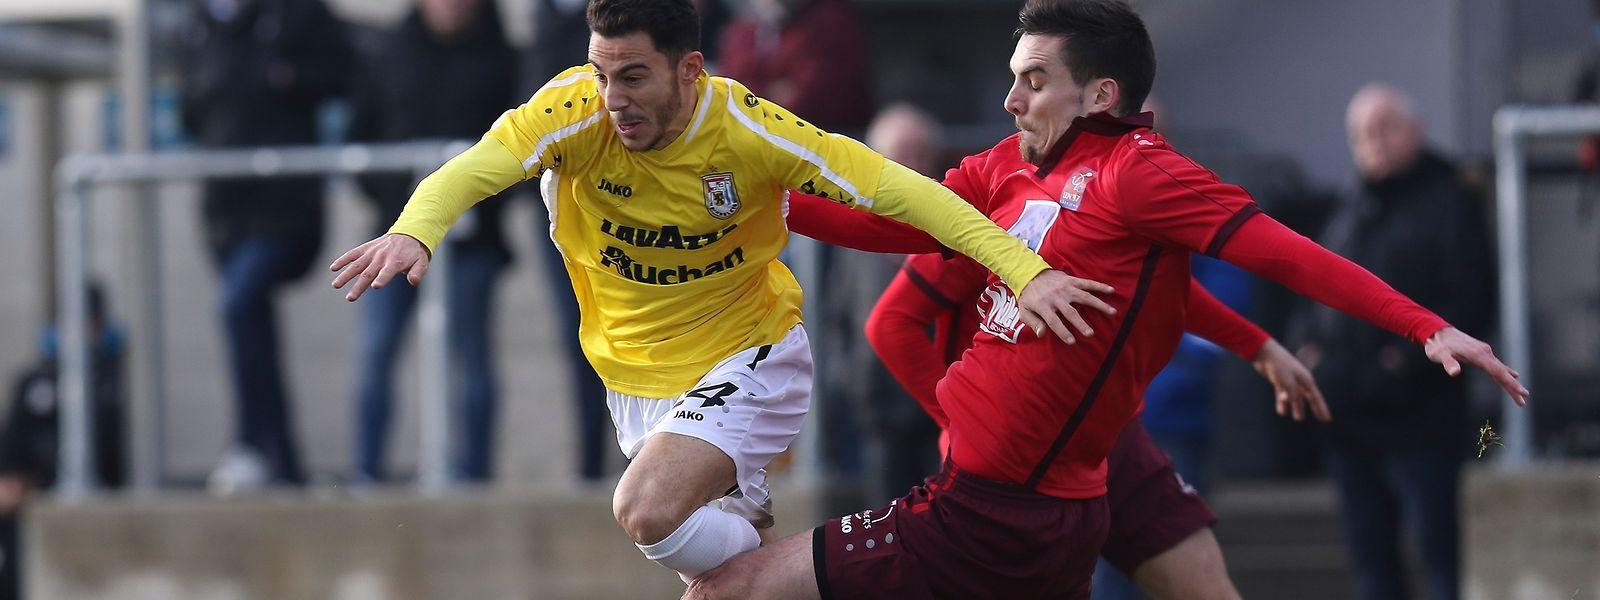 Edisson Jordanov konnte in seinem ersten Spiel im Düdelinger Trikot das Unentschieden nicht verhindern.